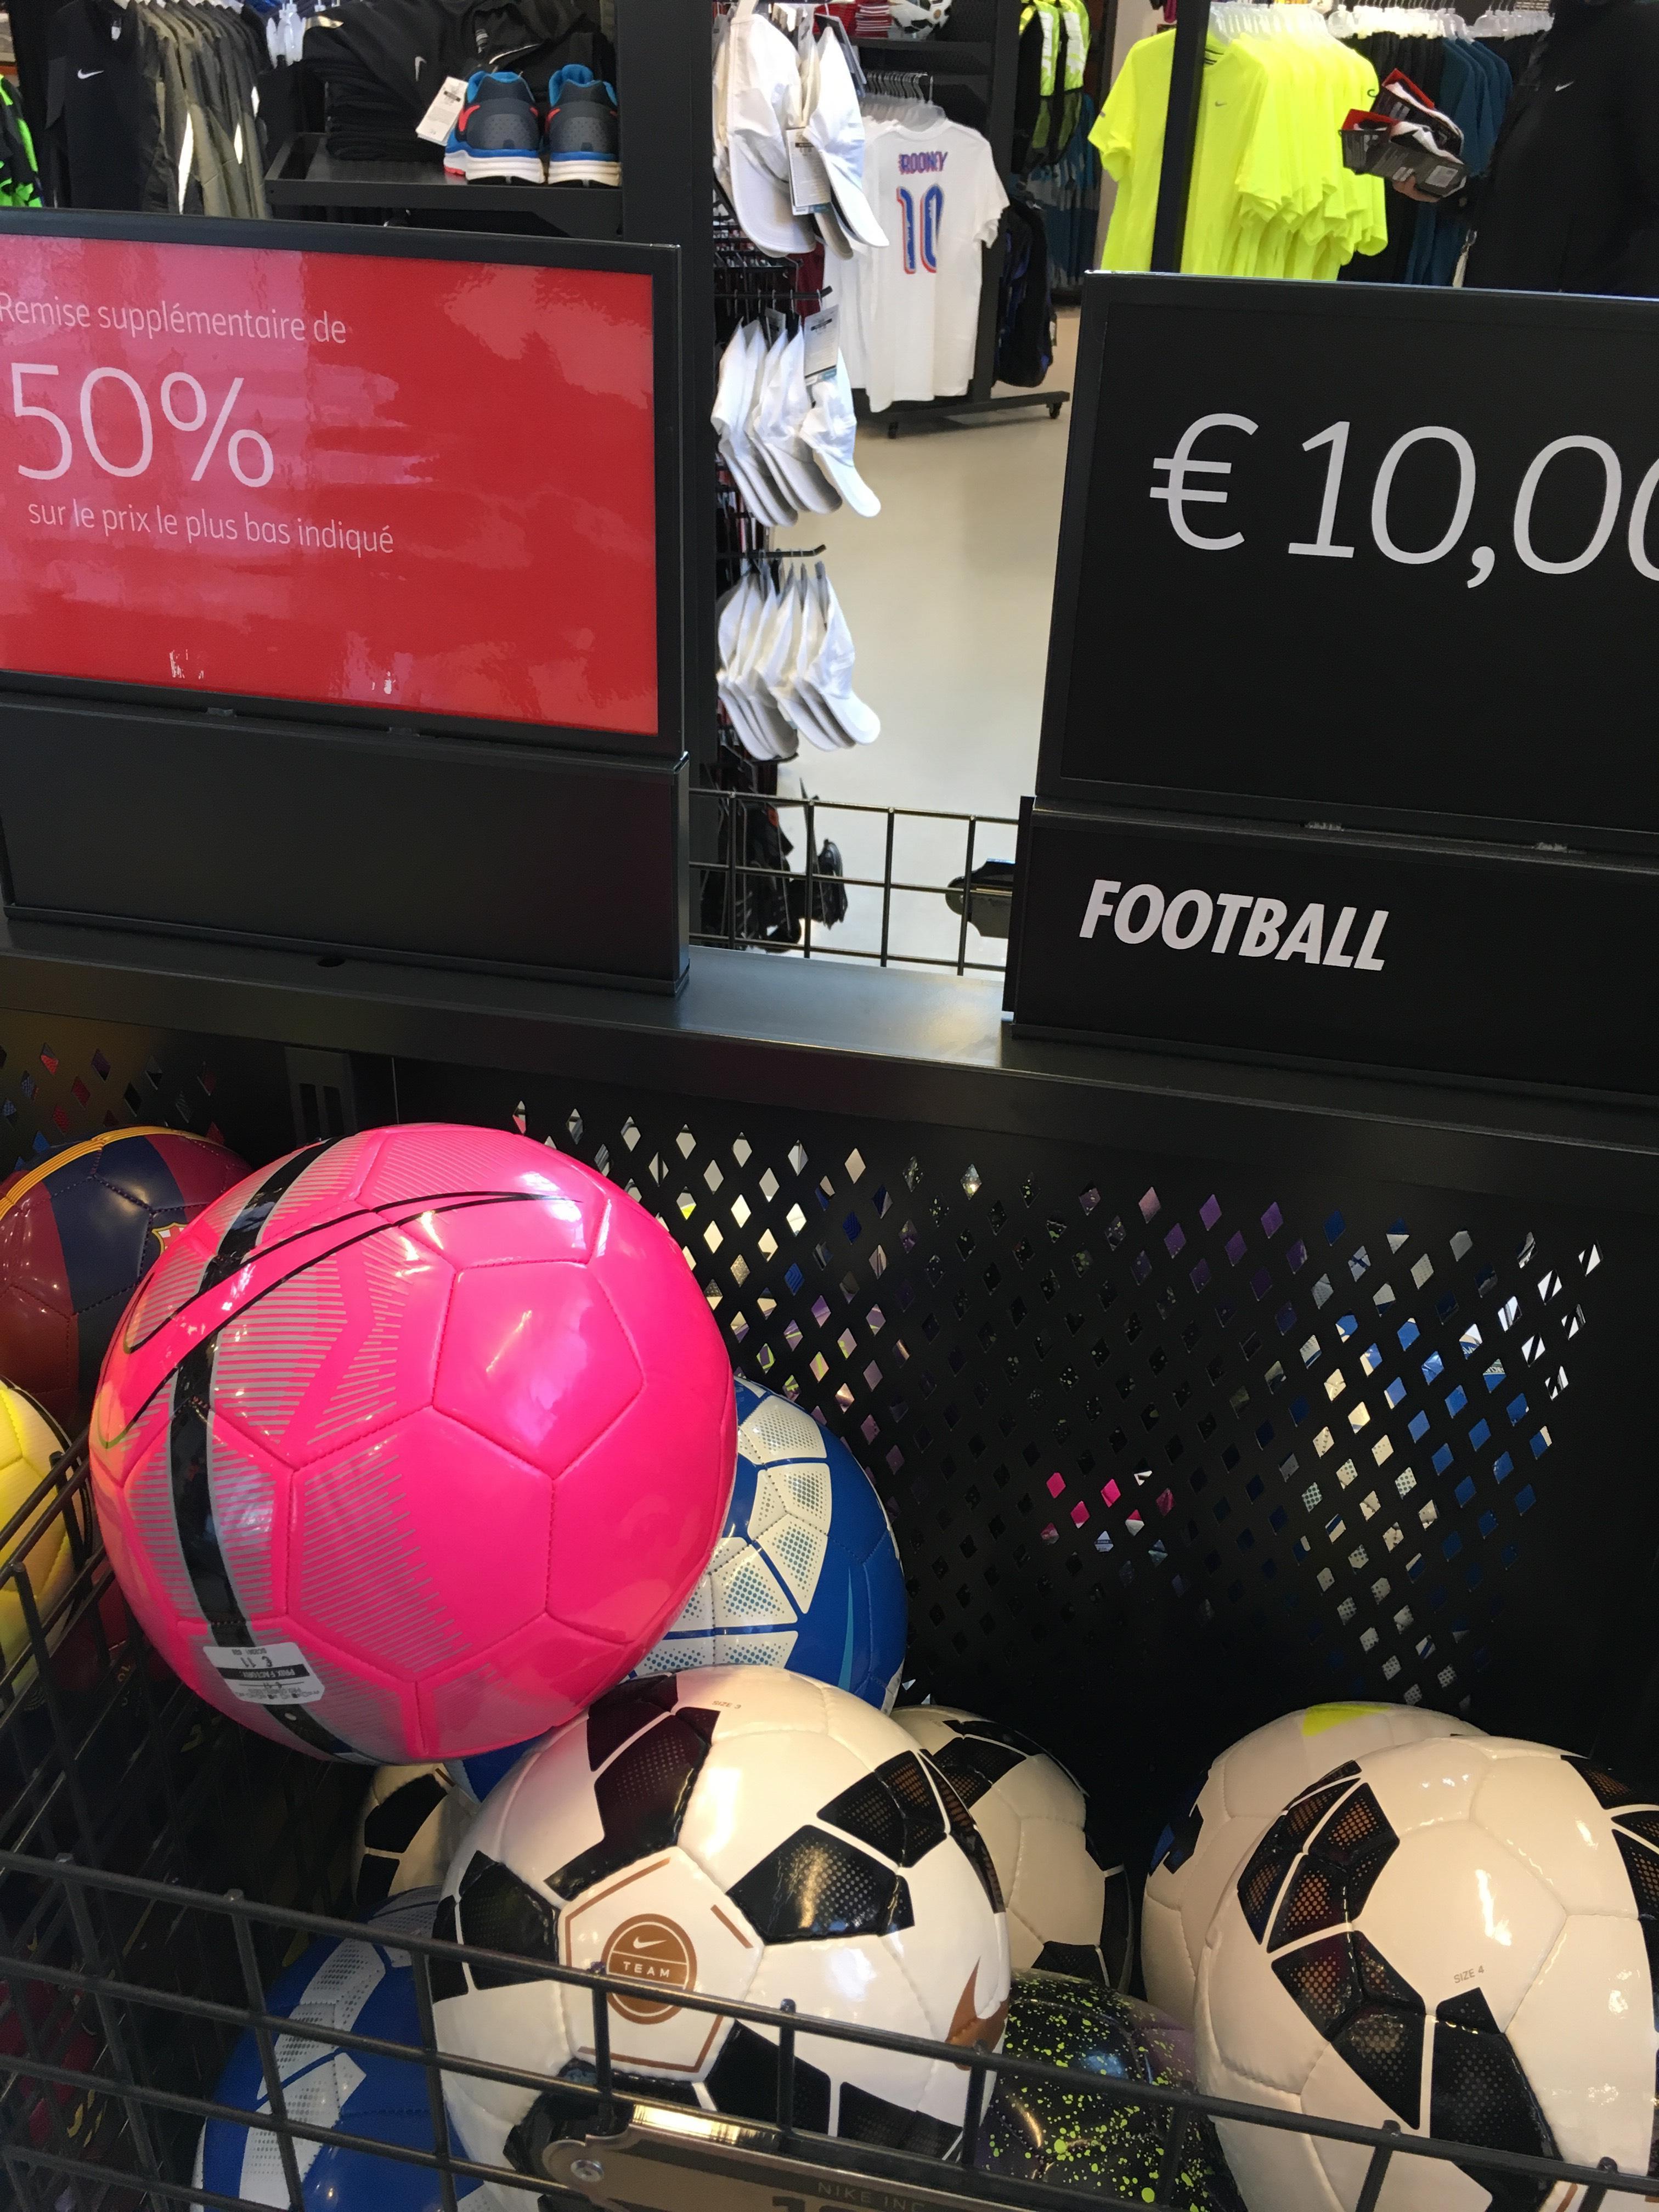 50% de réduction sur une sélection de Ballons de football nike - Ex : Ballon Nike